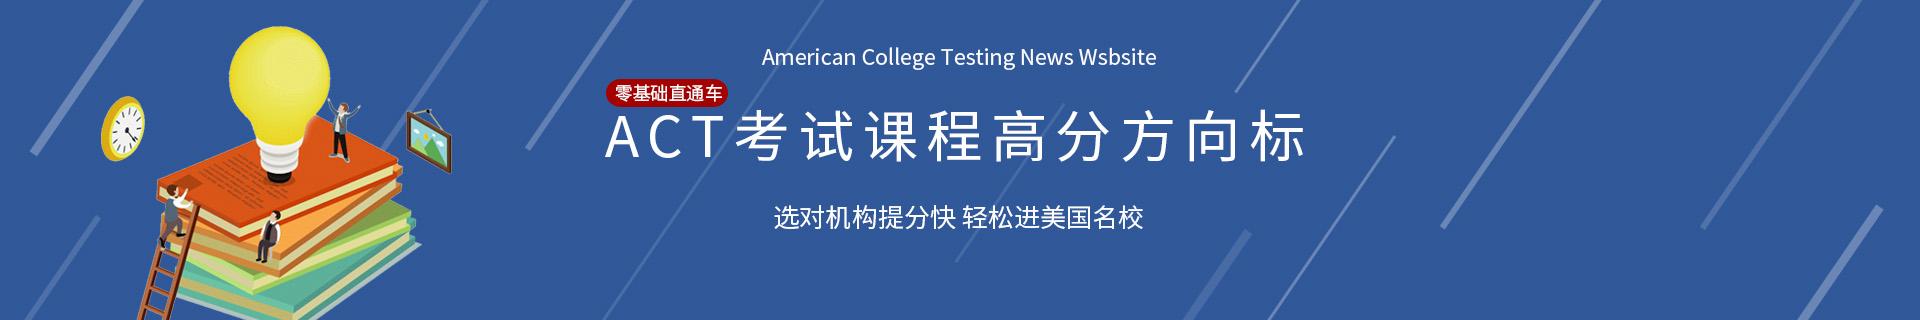 滨州滨城区环球教育培训机构